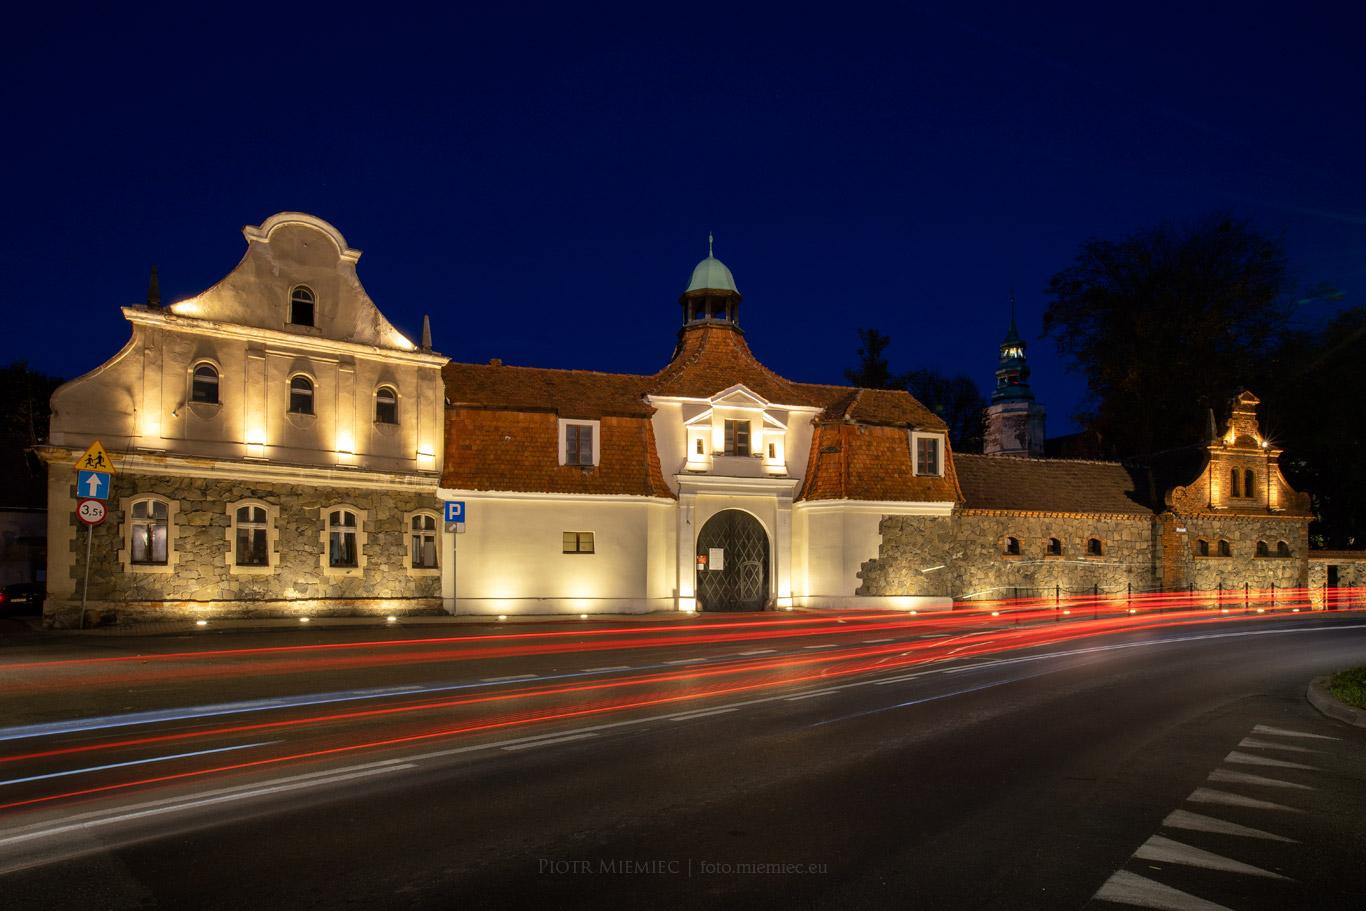 Oświetlona brama zamku w Niemodlinie